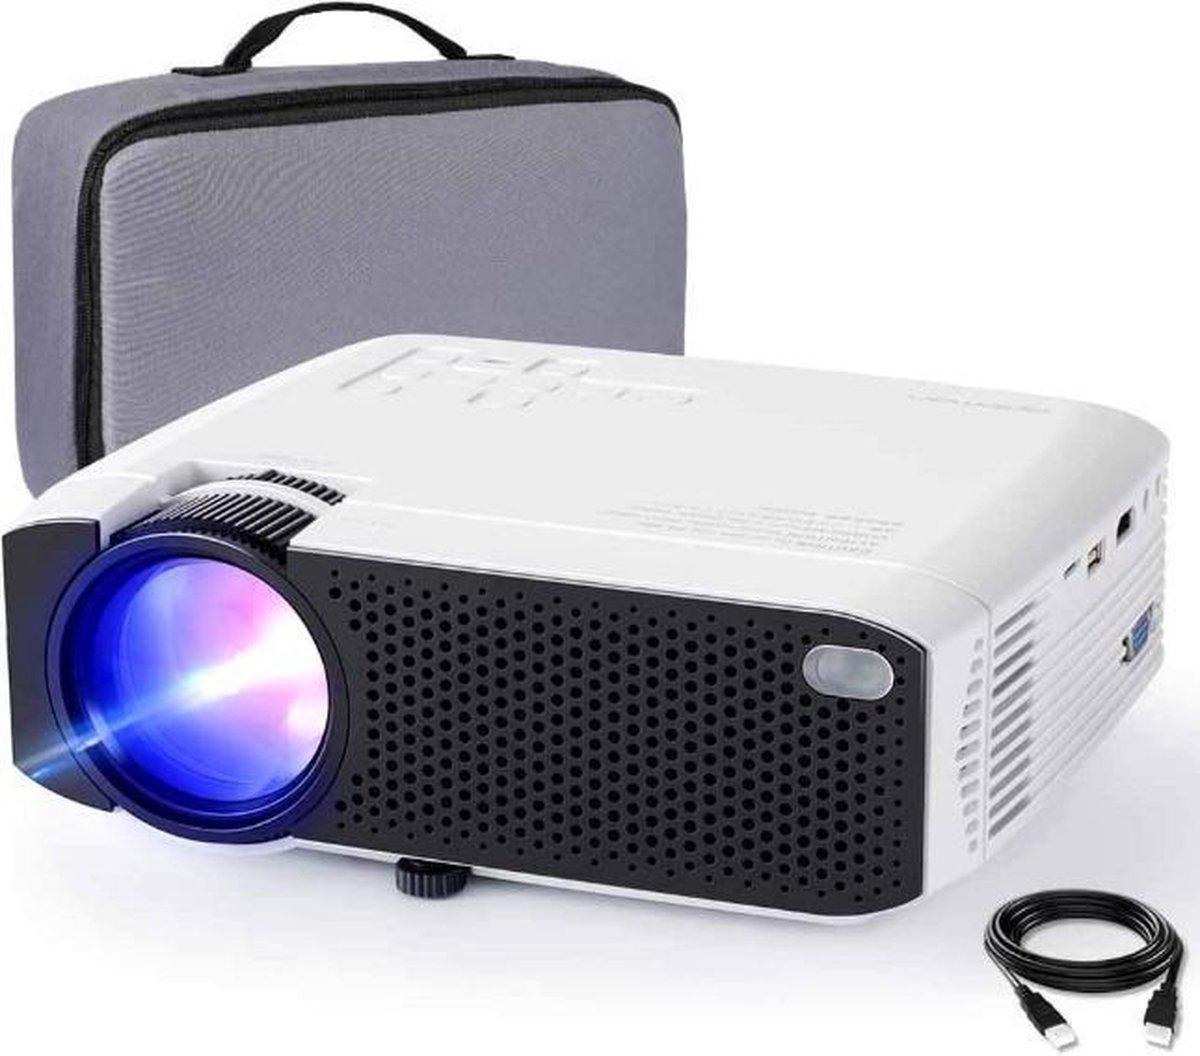 VMCA Beamer Mini Projector Wifi Met Transport Tas - (HDMI VGA AV TF USB WIFI) Wit